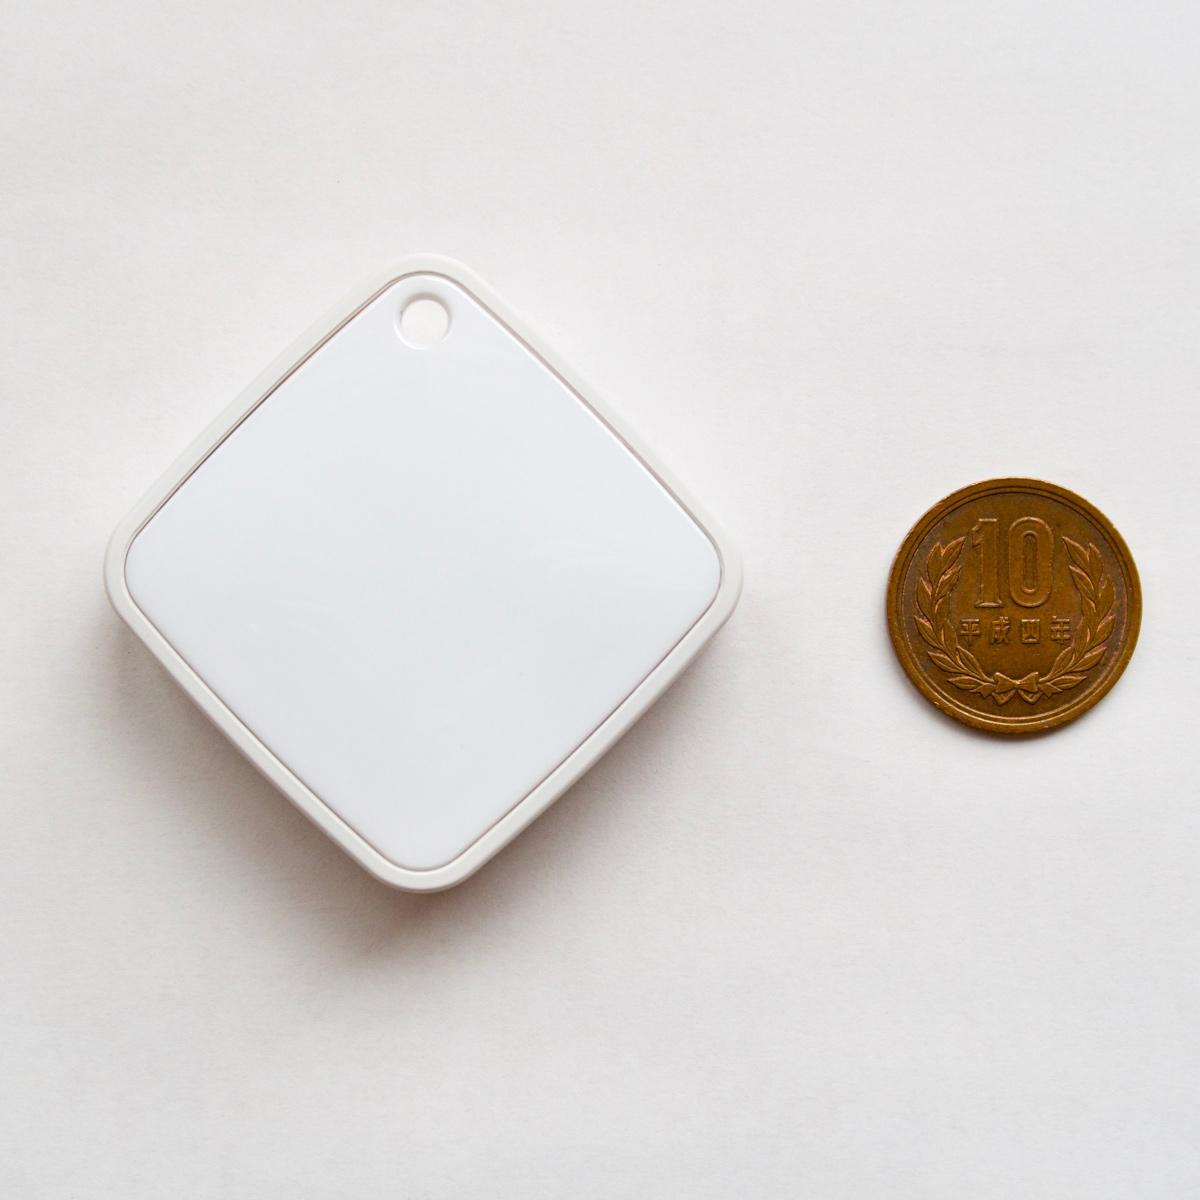 小型化・壁掛け対応でさらに使いやすくなったラトックのスマート家電リモコン「RS-WFIREX4」